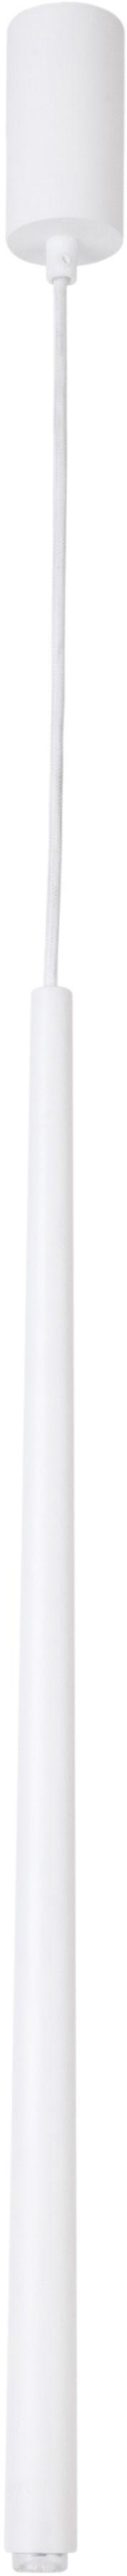 Lampa wisząca SOPEL 1 stożek biały 33155 - Sigma Do -17% rabatu w koszyku i darmowa dostawa od 299zł !